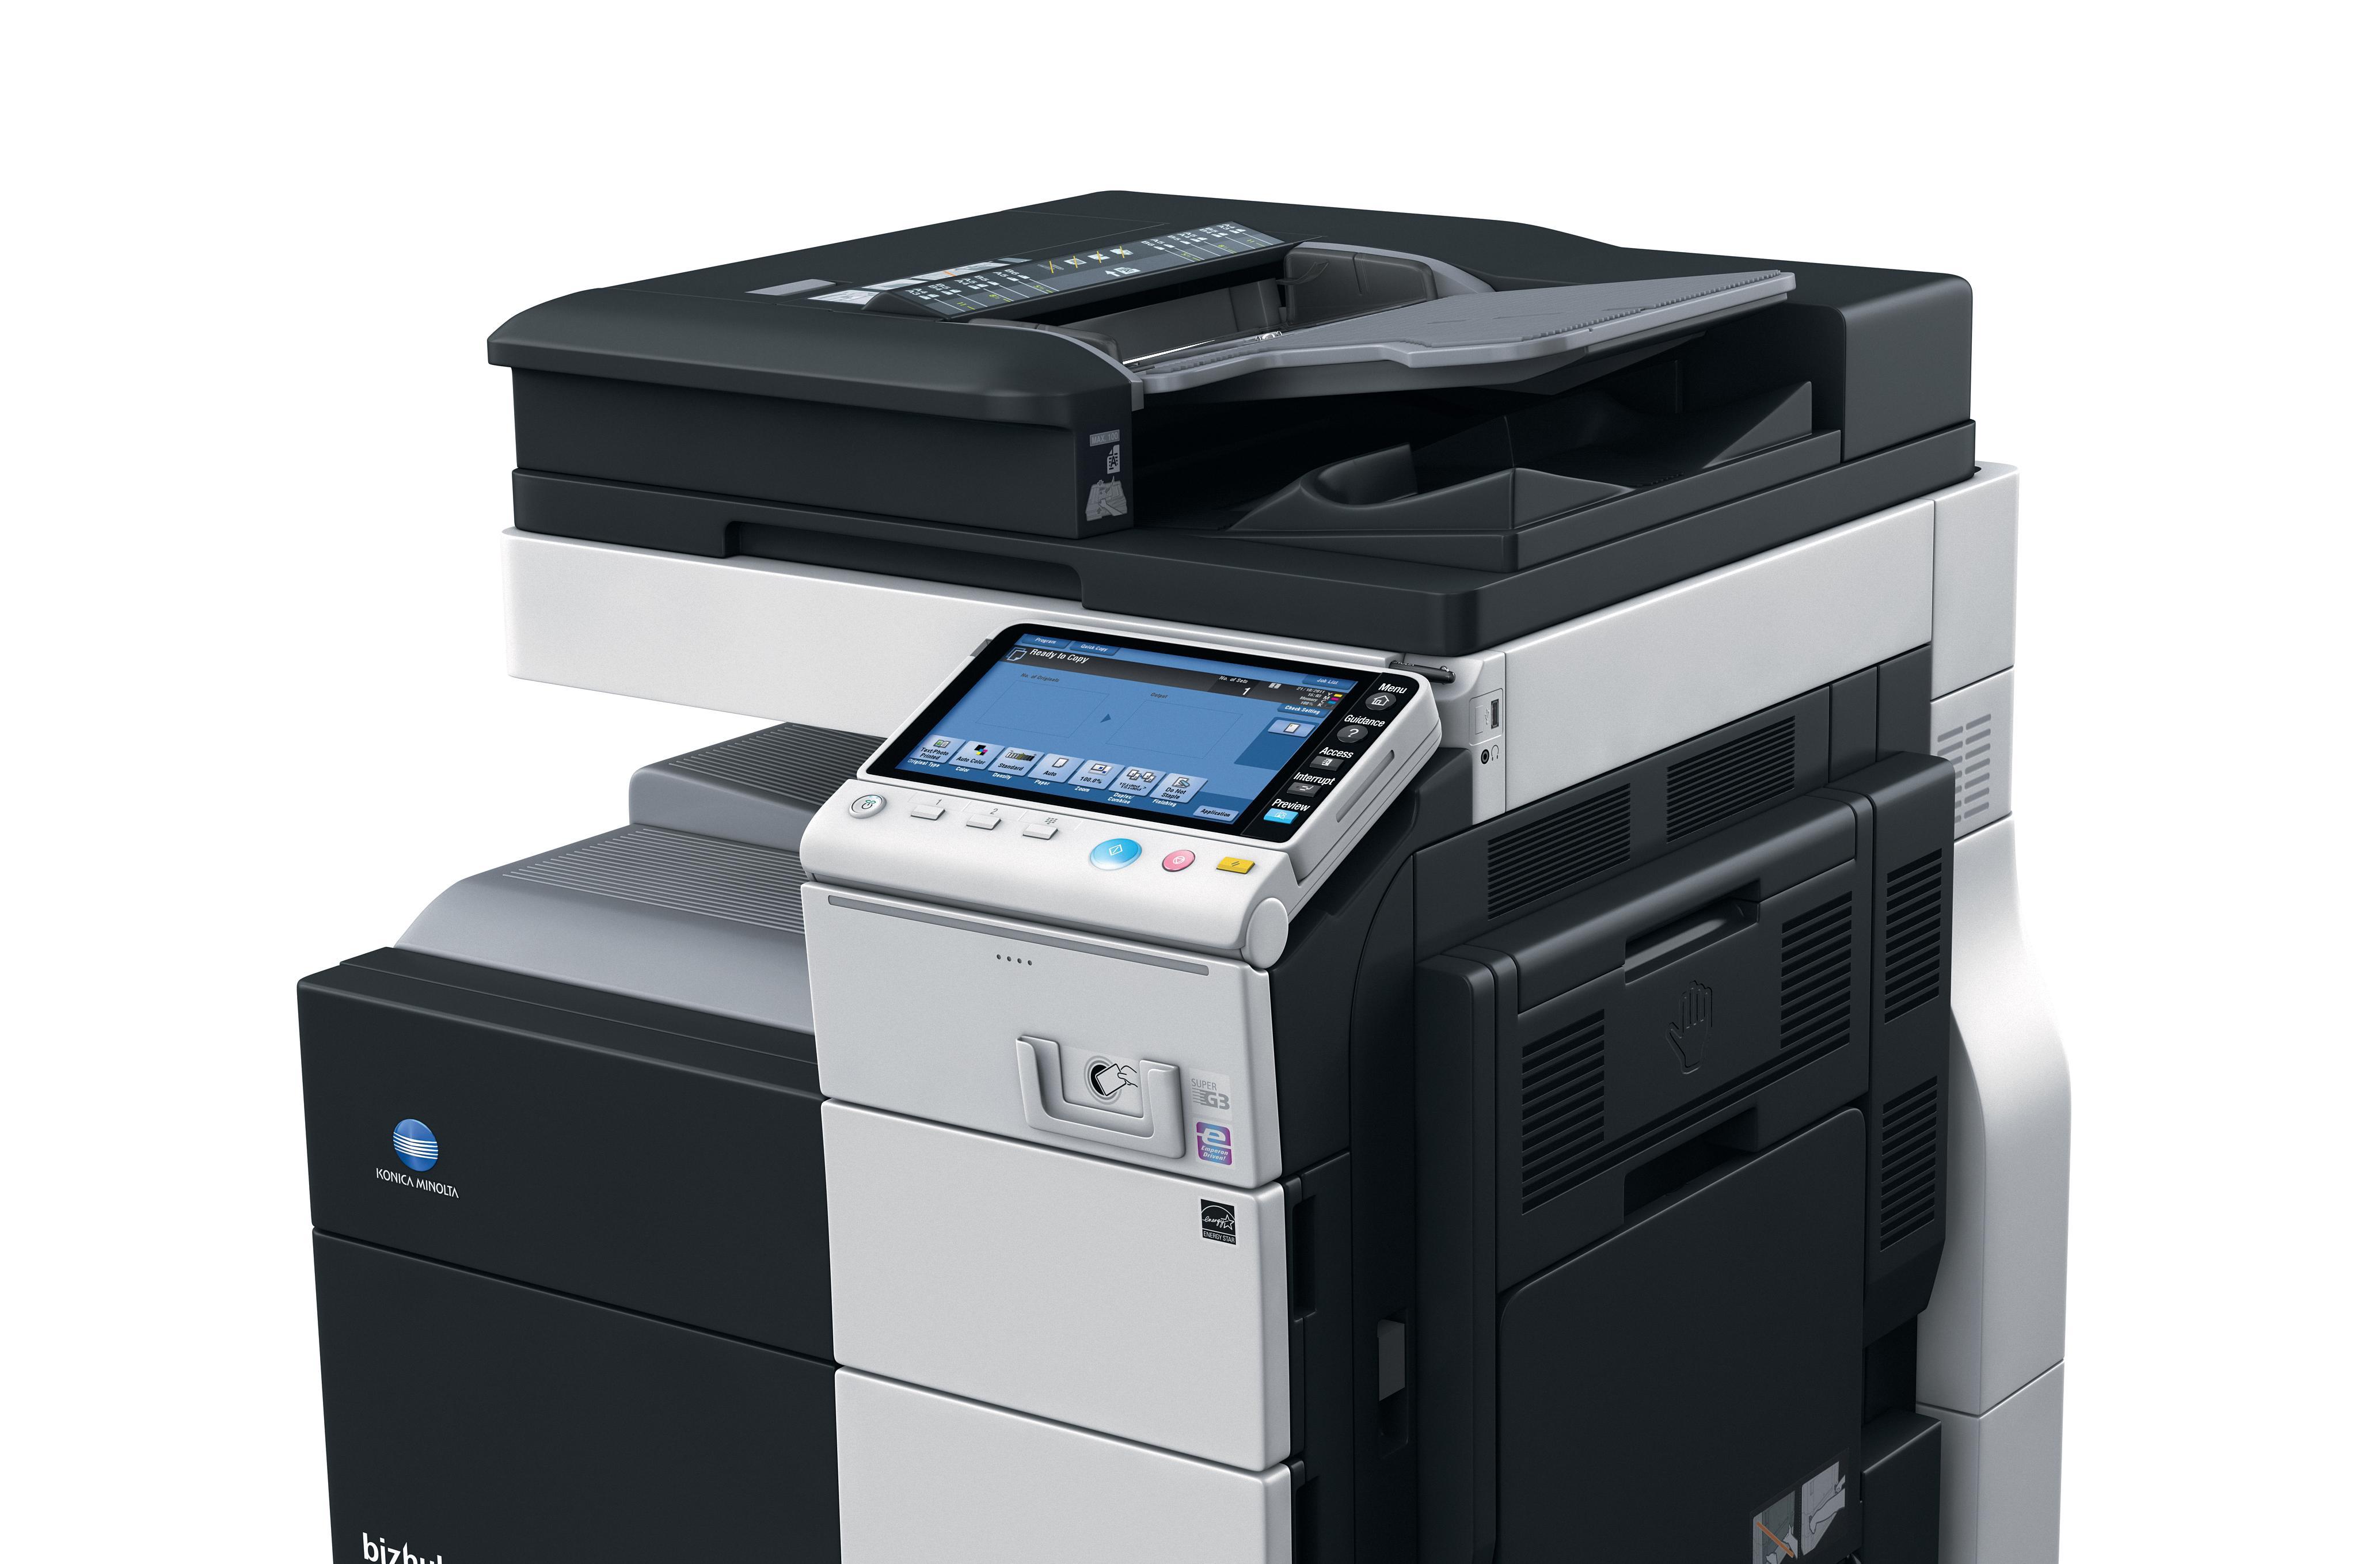 Konica Minolta Bizhub C754 Printer PCL Drivers for Mac